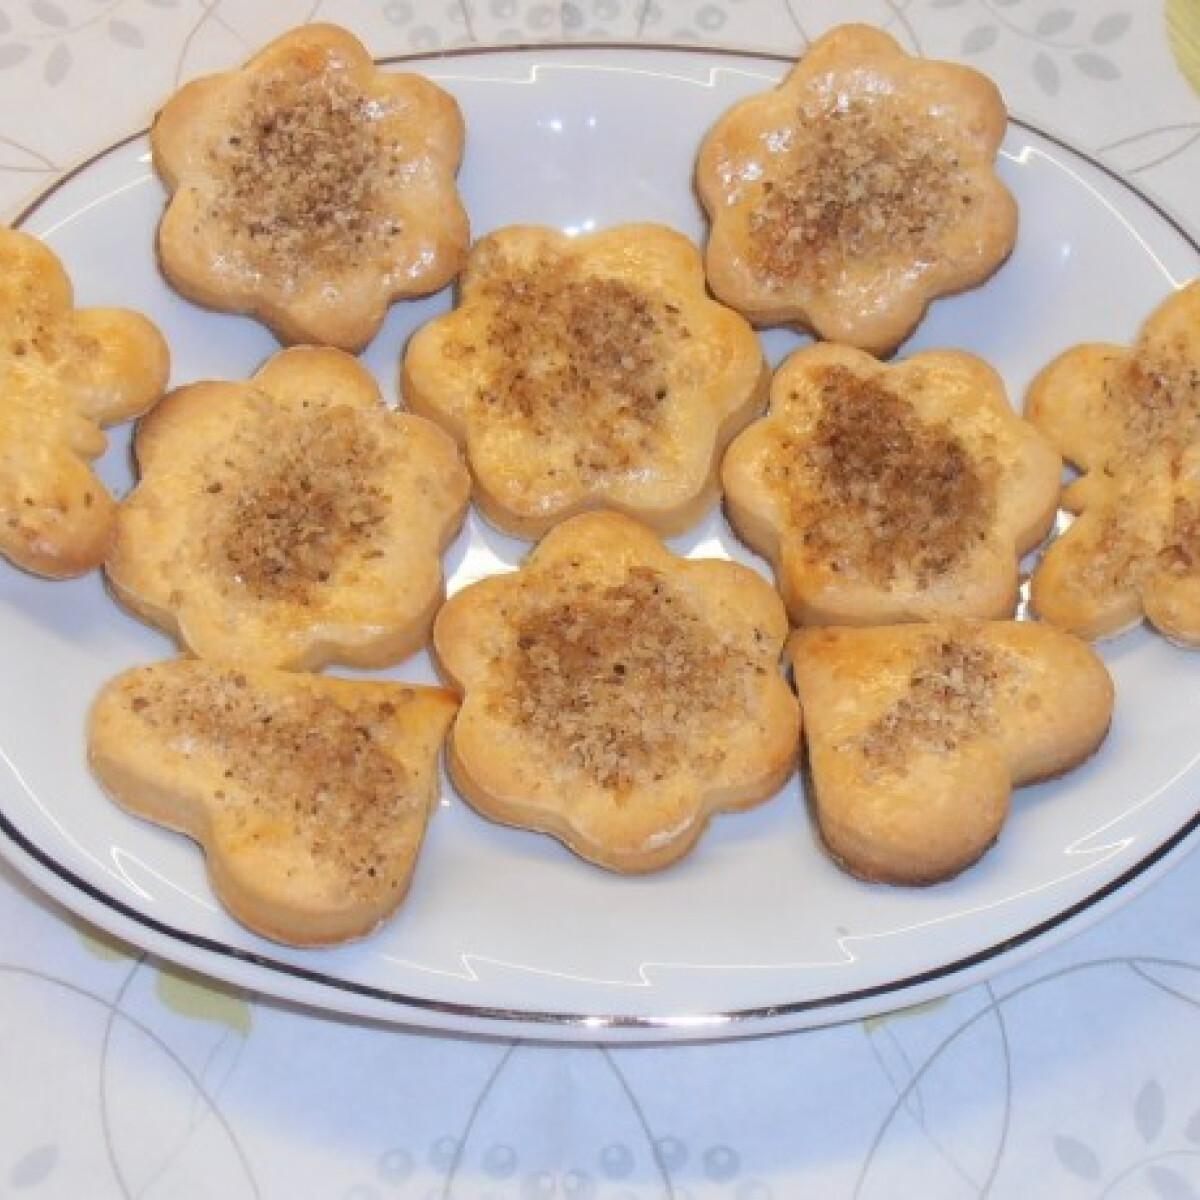 Ezen a képen: Citromos linzer Sziporka konyhájából